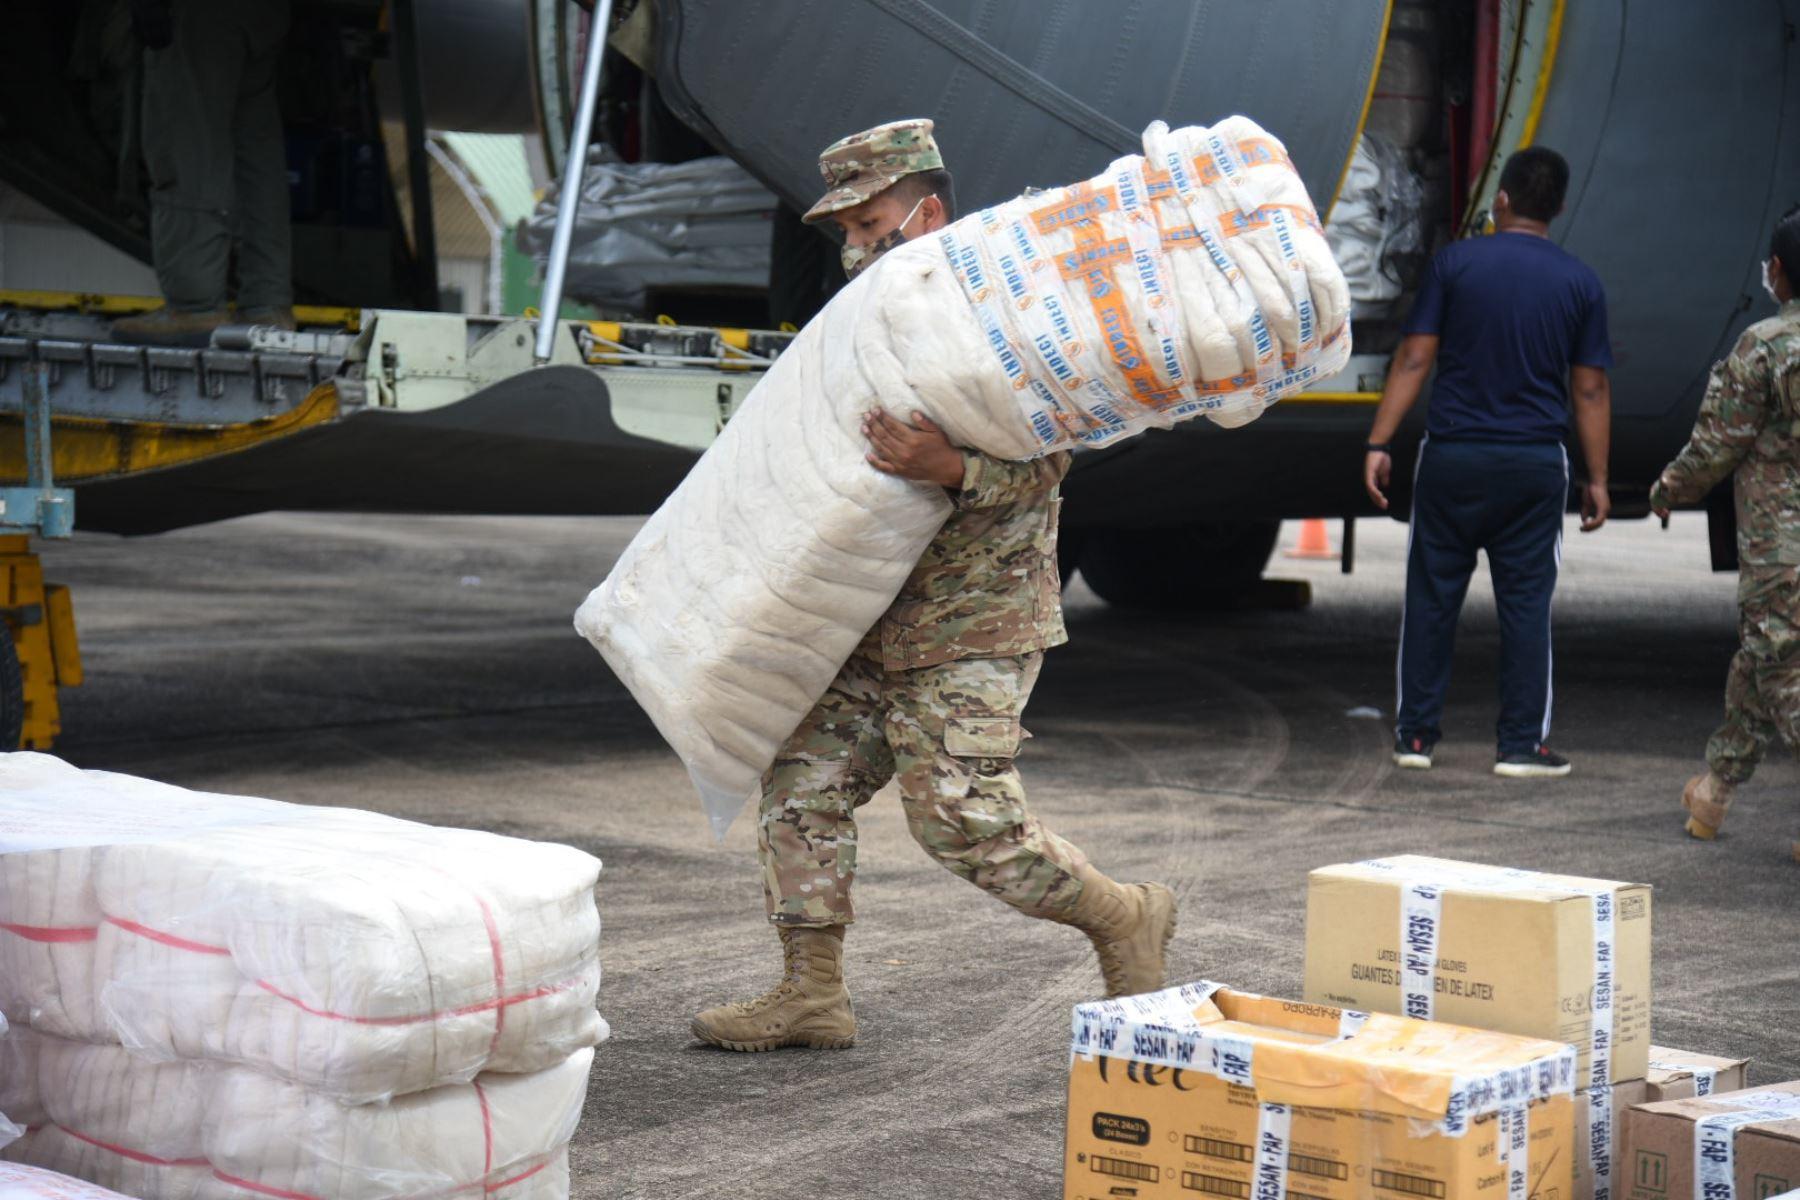 Las seis toneladas y media de ayuda humanitaria del Gobierno Central arribaron a Puerto Maldonado, en un vuelo de la Fuerza Aérea del Perú. El gobernador Luis Hidalgo Okimura saludó el apoyo de la Fuerza Aérea y del Ejército Peruano que colaboraron con el traslado. Foto: Gobierno Regional de Madre de Dios